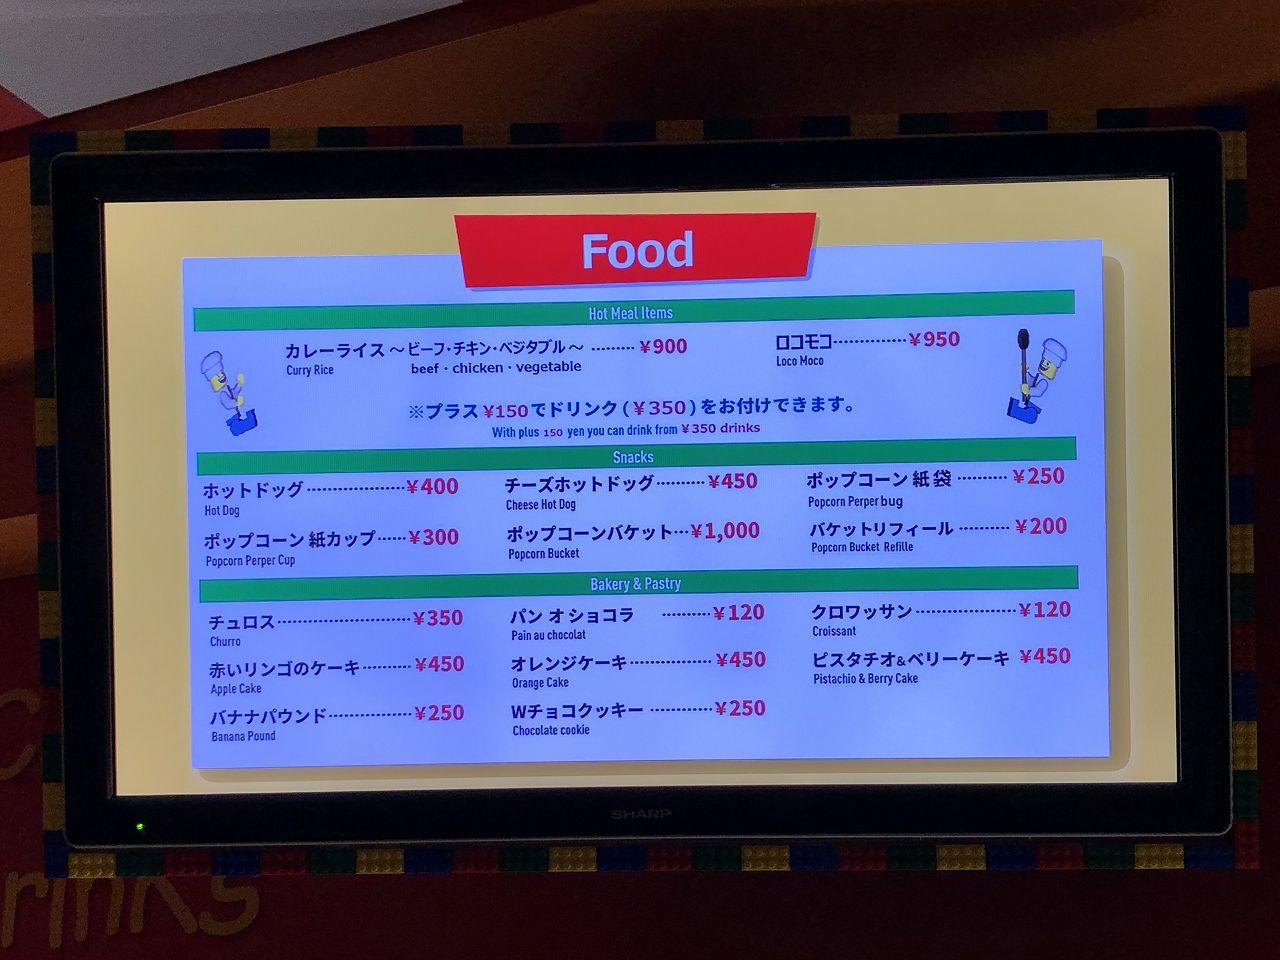 食べ物の金額